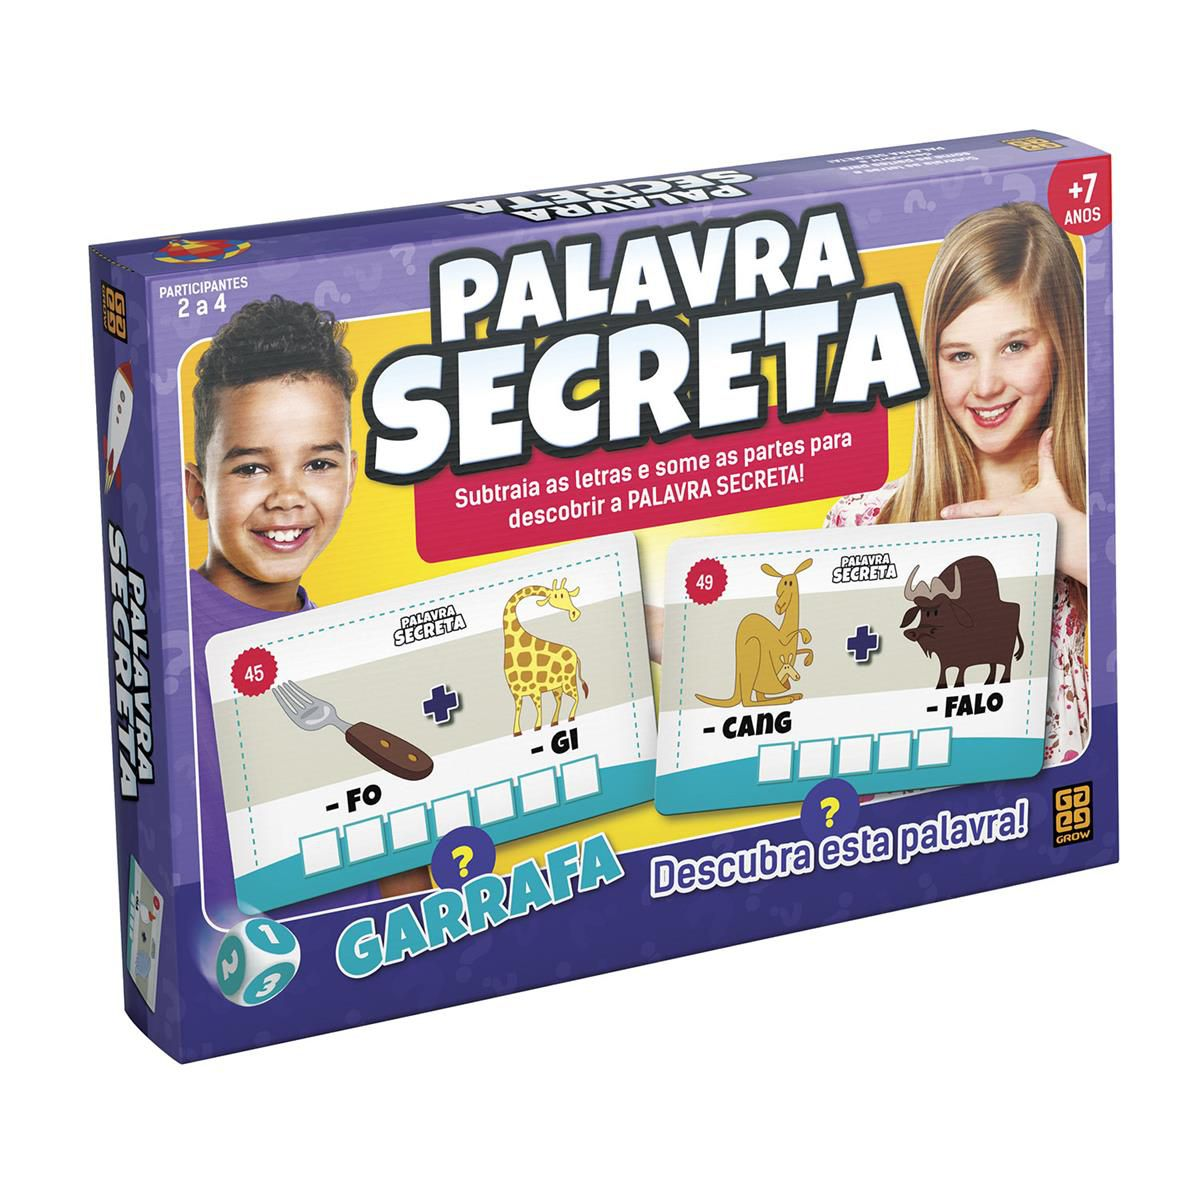 PALAVRA SECRETA